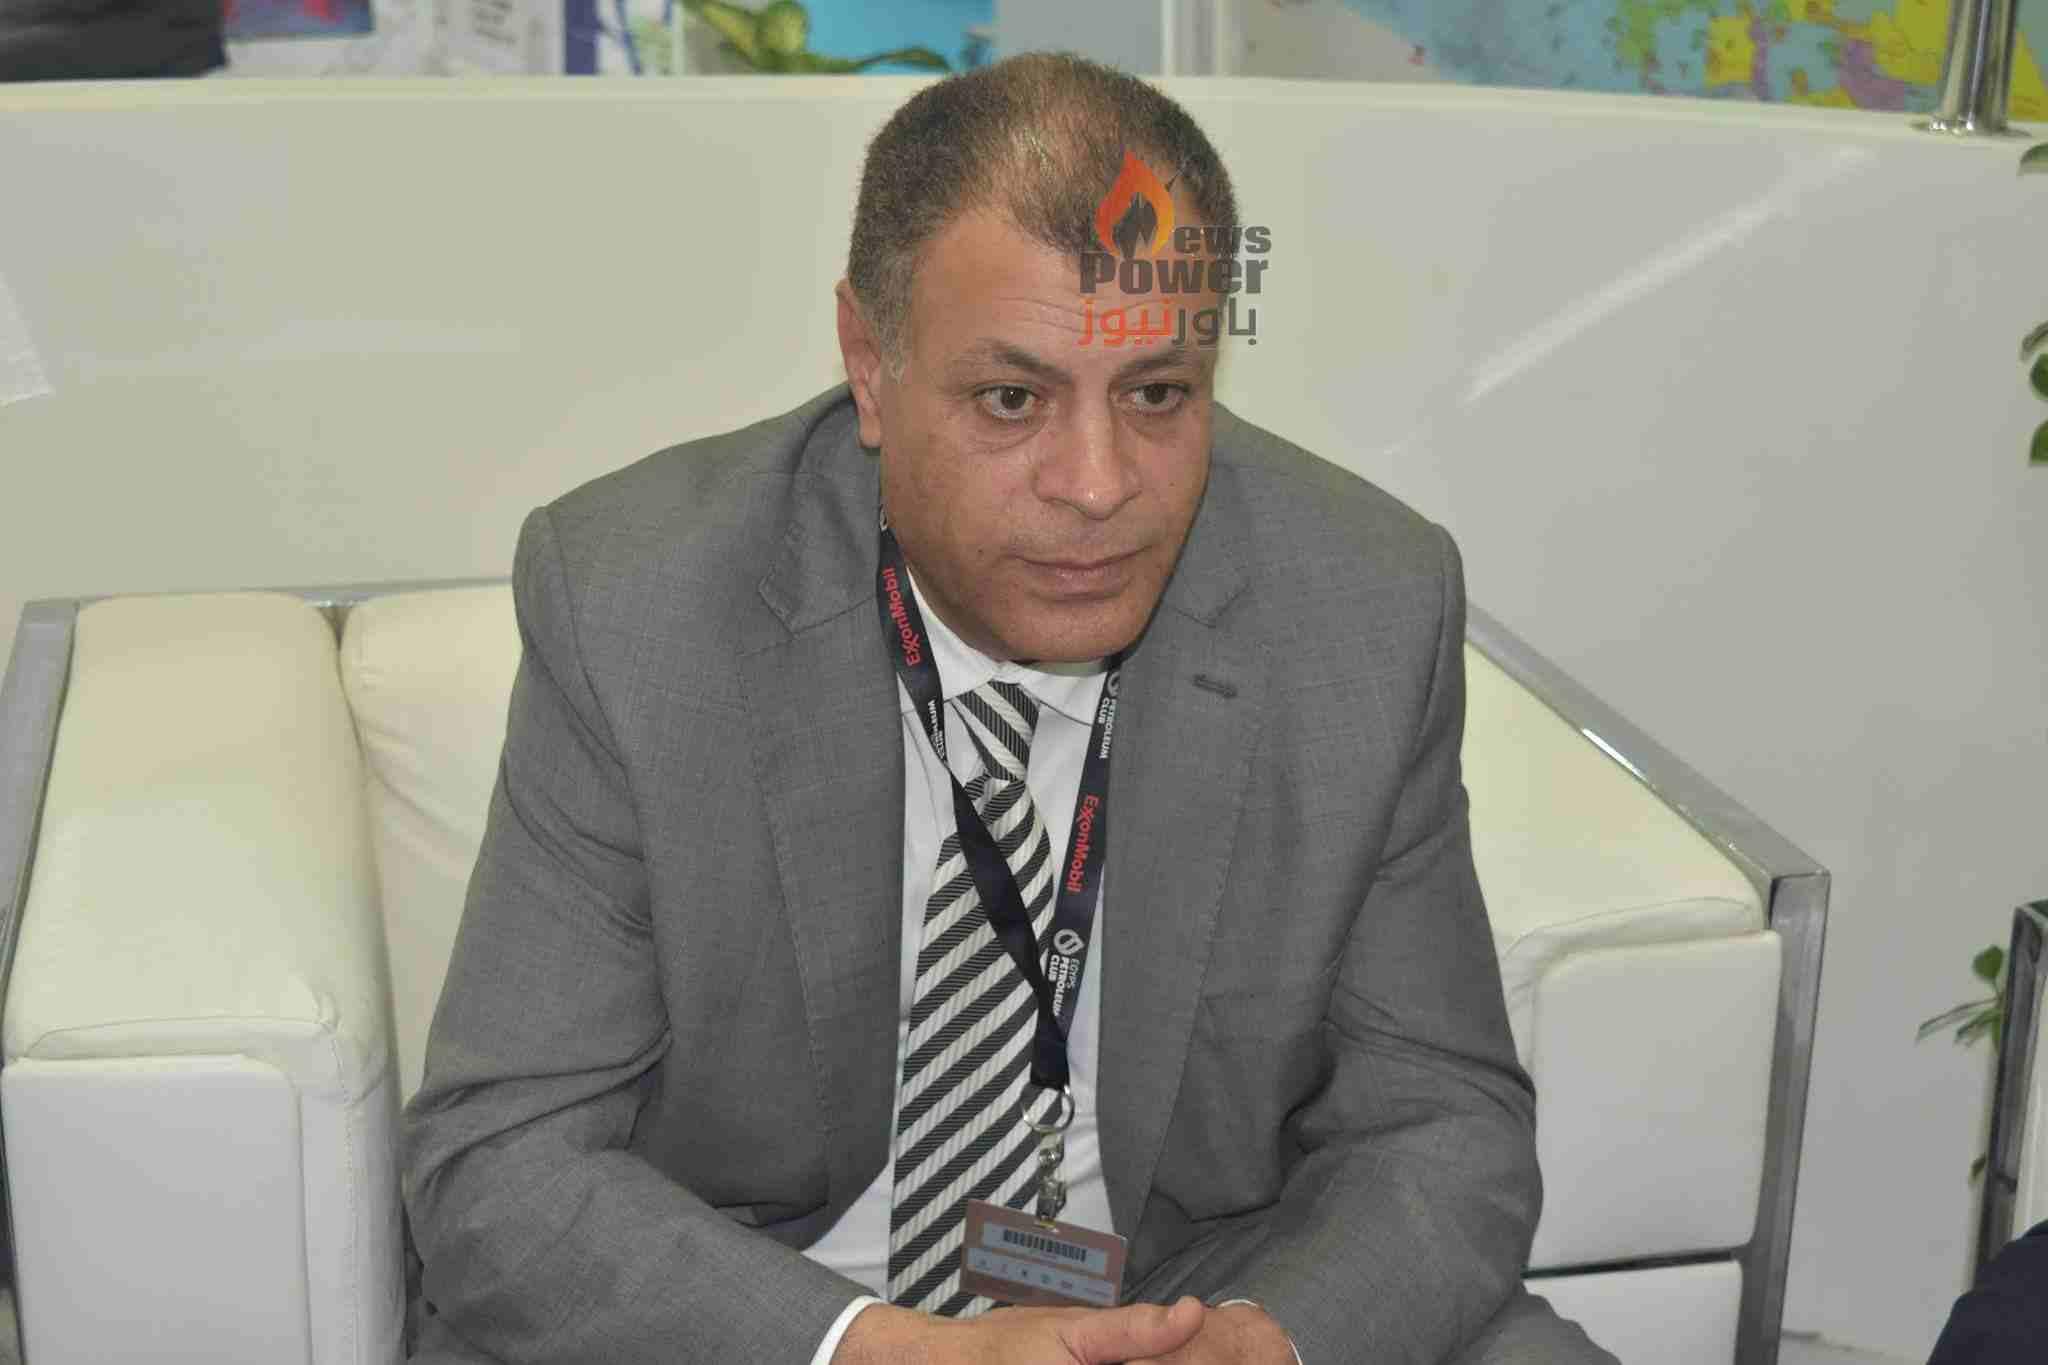 بيان رسمى من هيئة البترول يؤكد عدم التزام شركة بتروكلتيك الايرلندية بتعهداتها تجاه مصر وحرص الوزارة على التسوية الودية لنقاط الخلافات